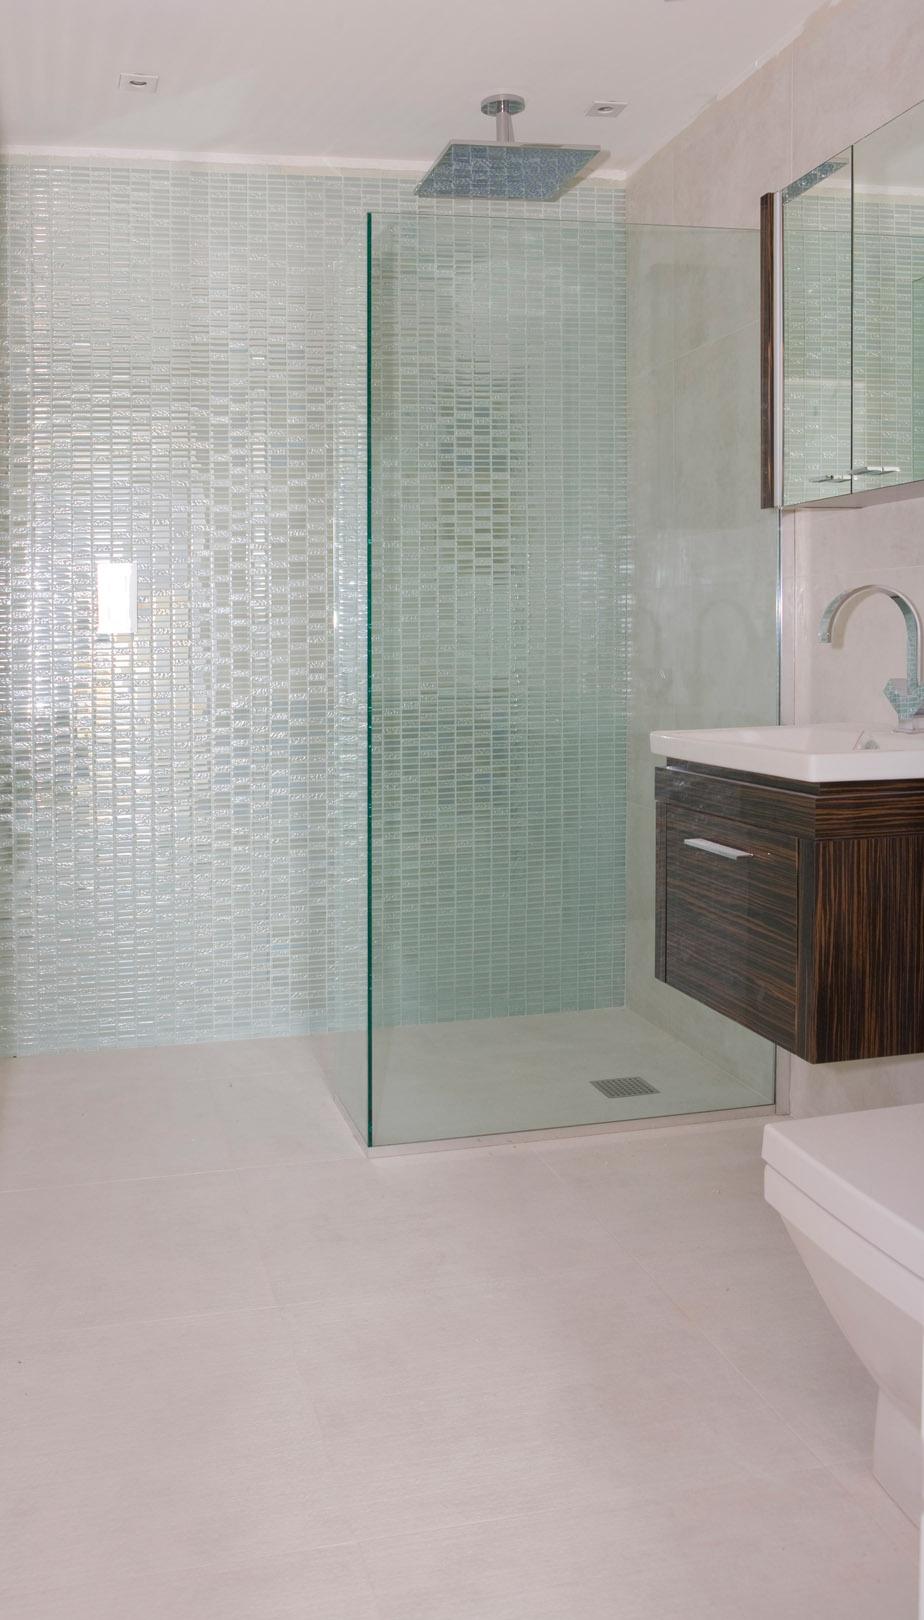 Wet Room Design: Wet Room Ideas & Wet Room Photos